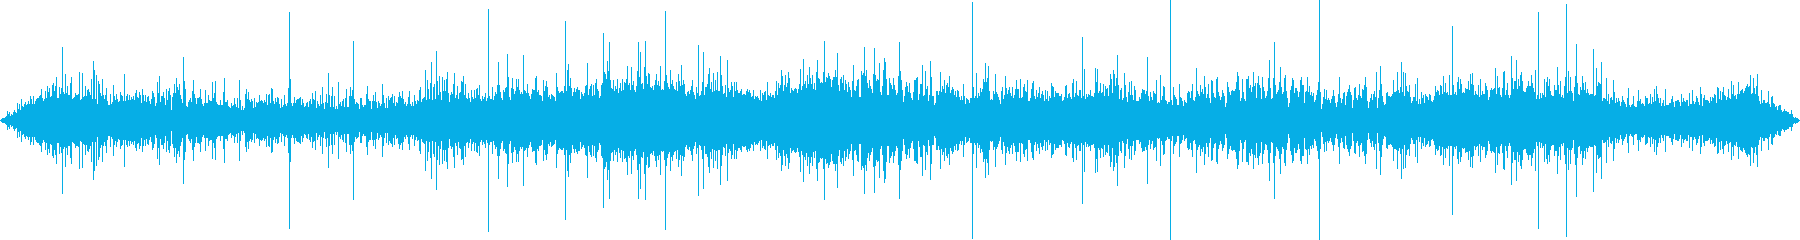 ジューー(炒める音)の再生済みの波形